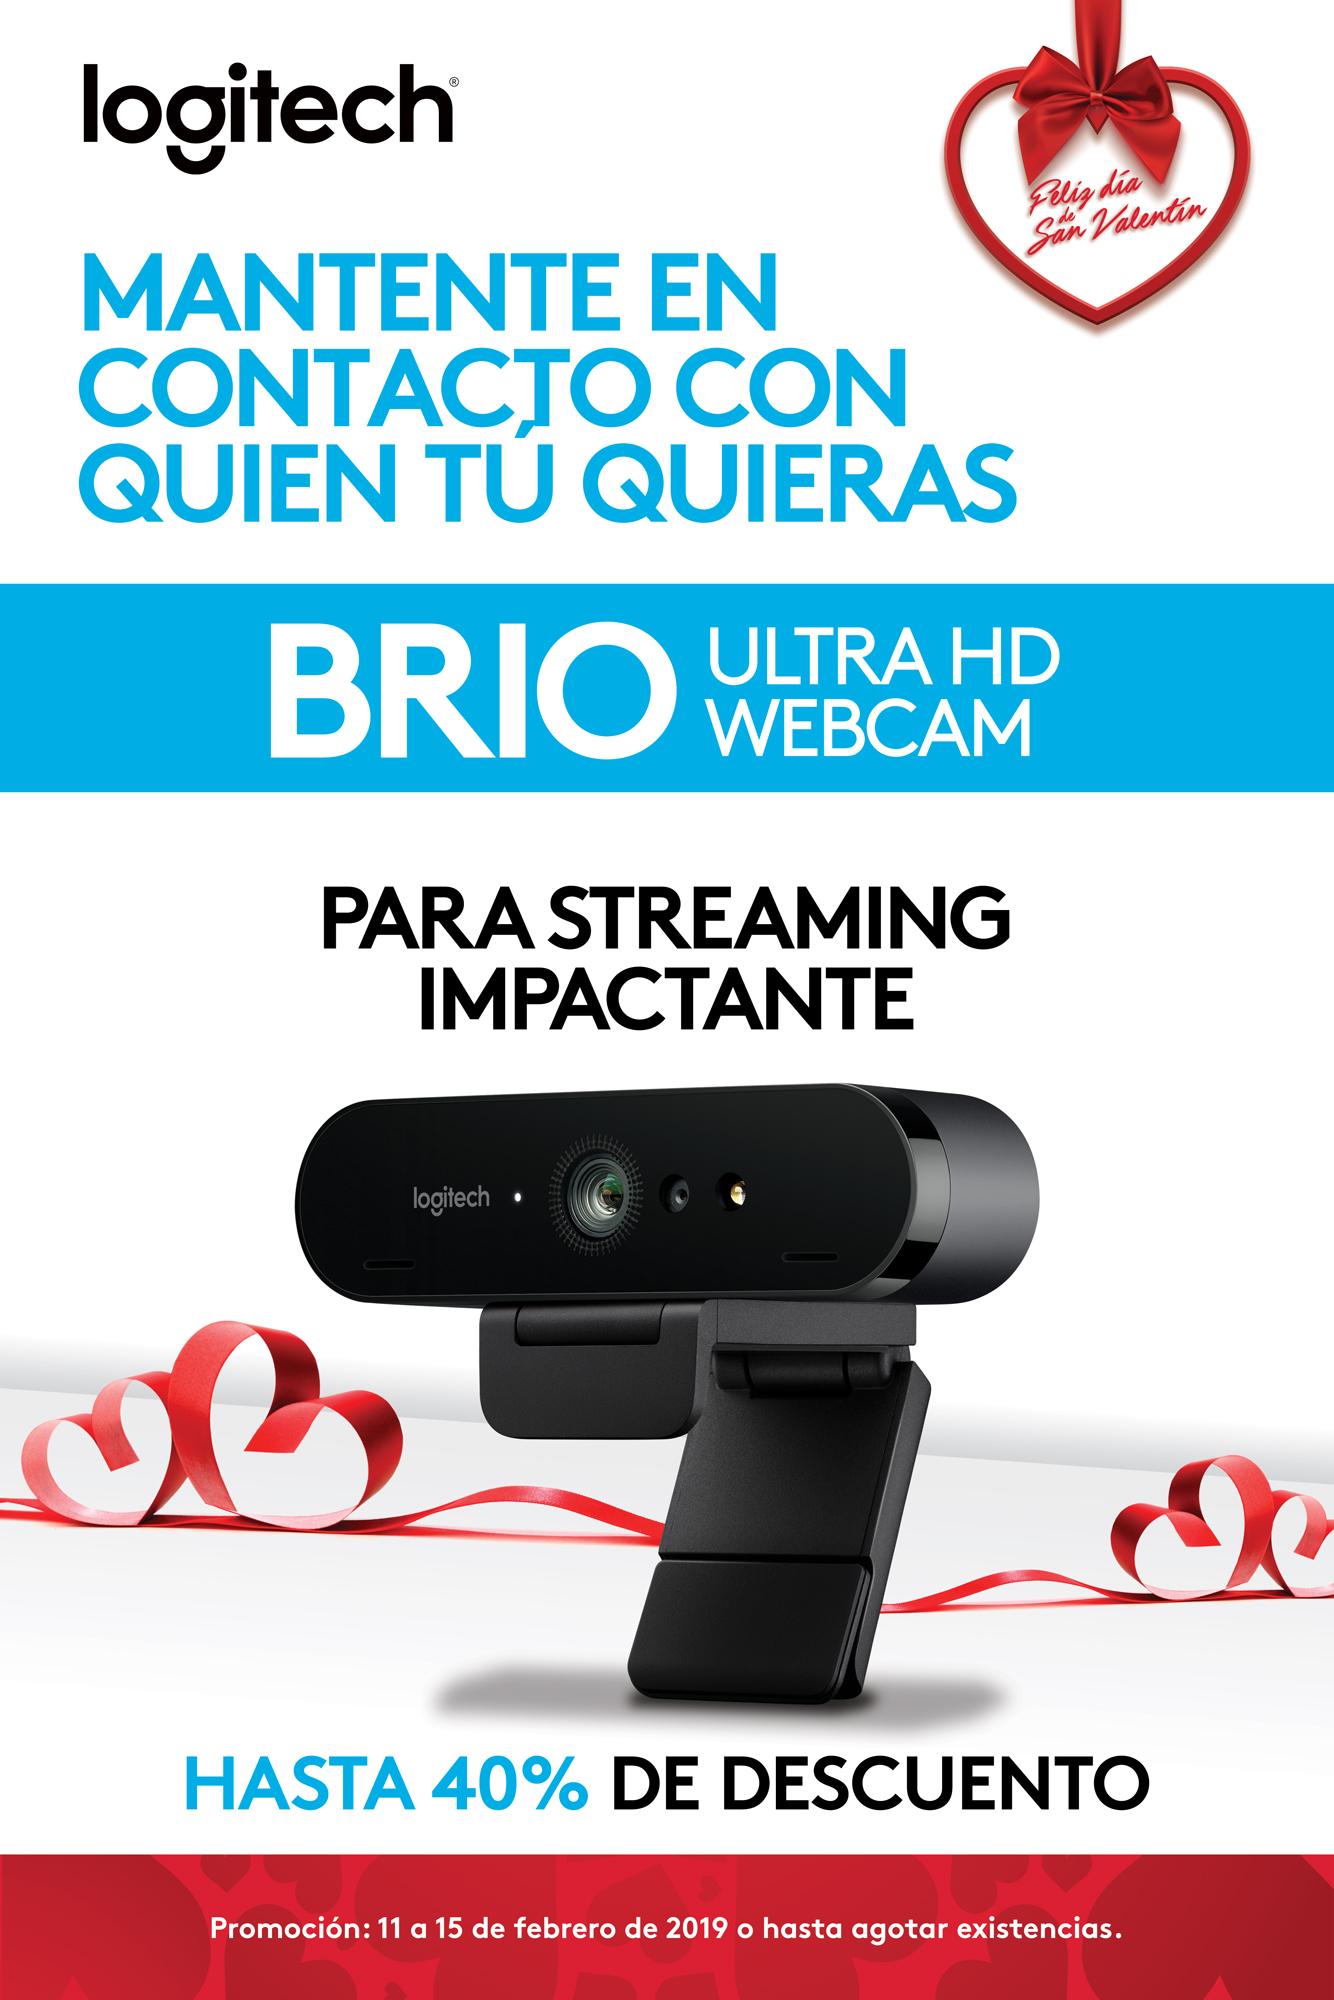 Promo BRIO - Webcam - Logitech